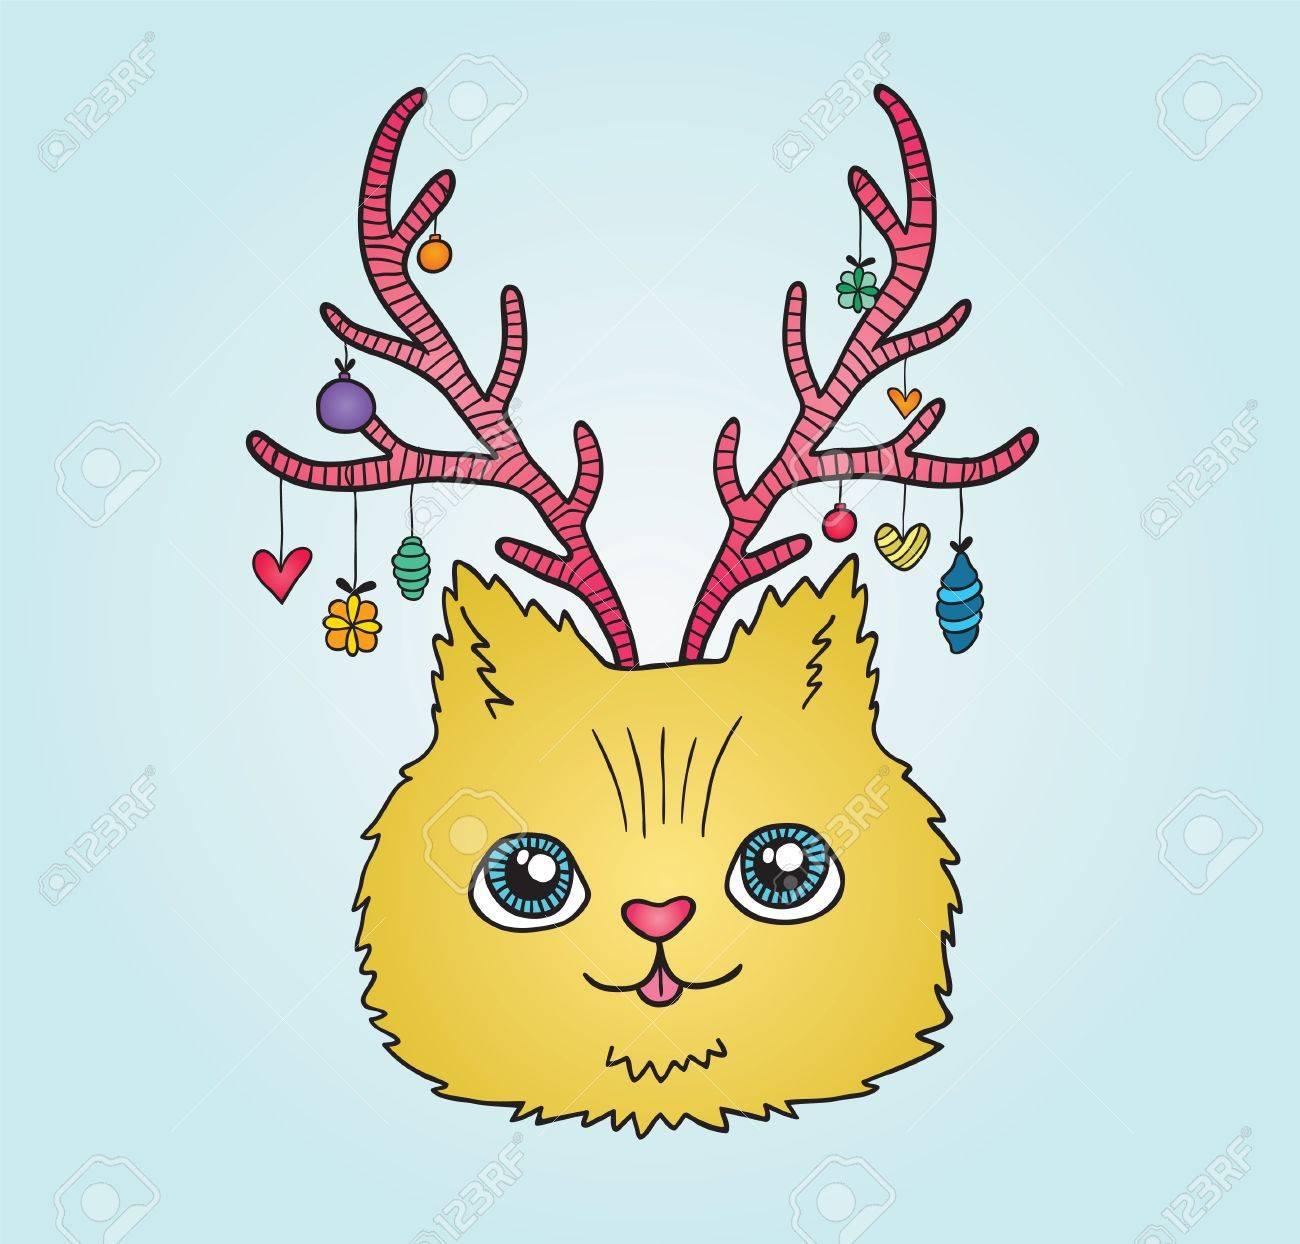 鹿の角を持つかわいい漫画クリスマス猫のイラスト素材ベクタ Image